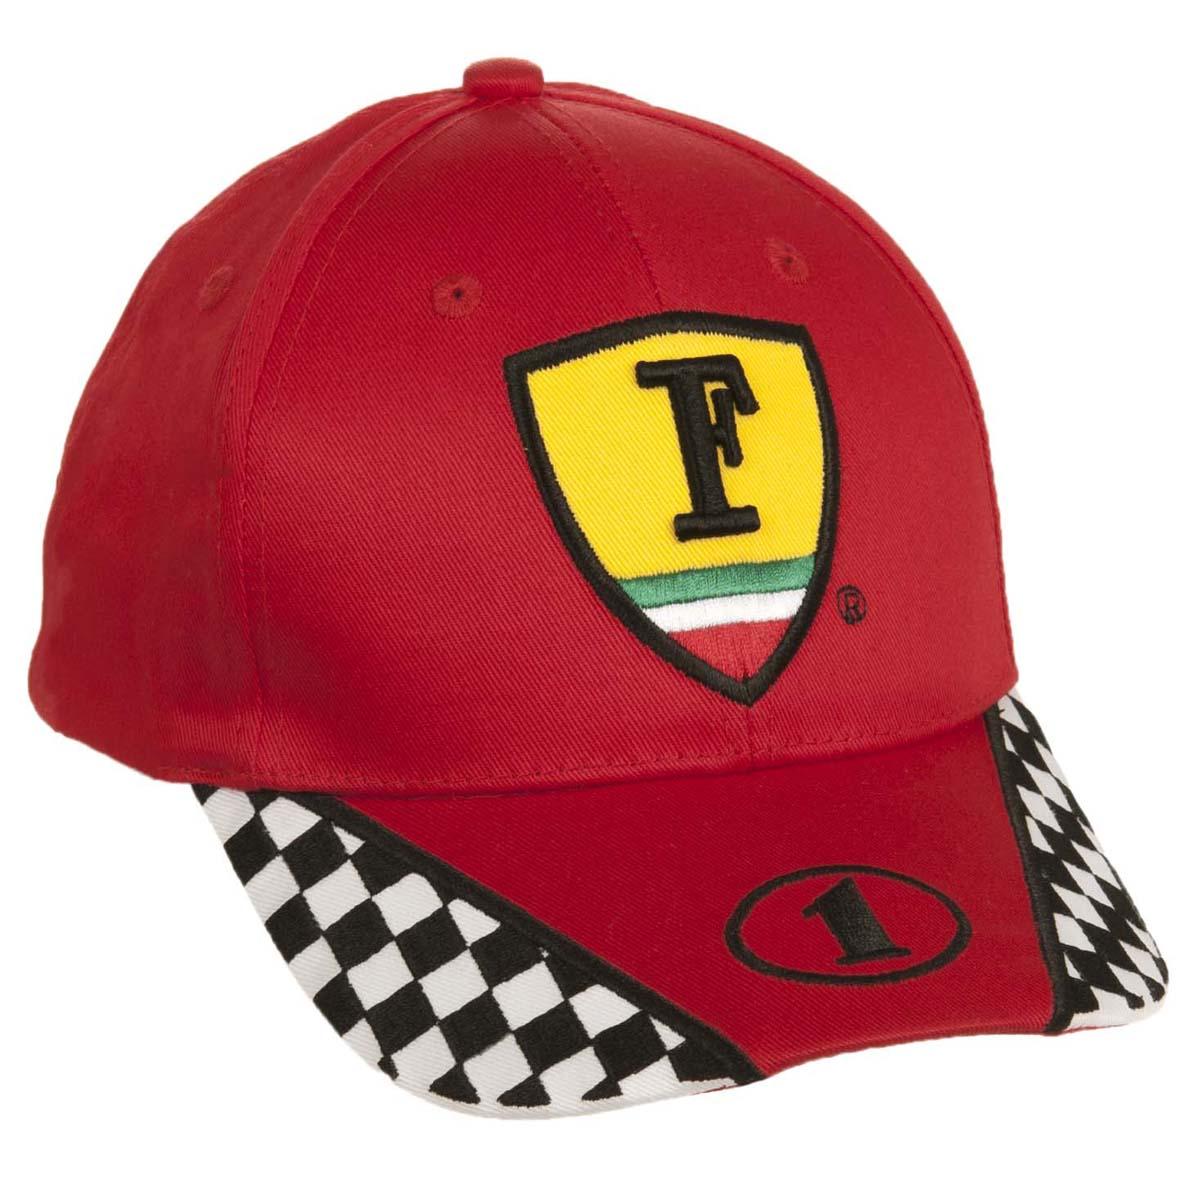 7d101d0294 berretto con visiera per bambini Formula 1, EUR 16,90 ...